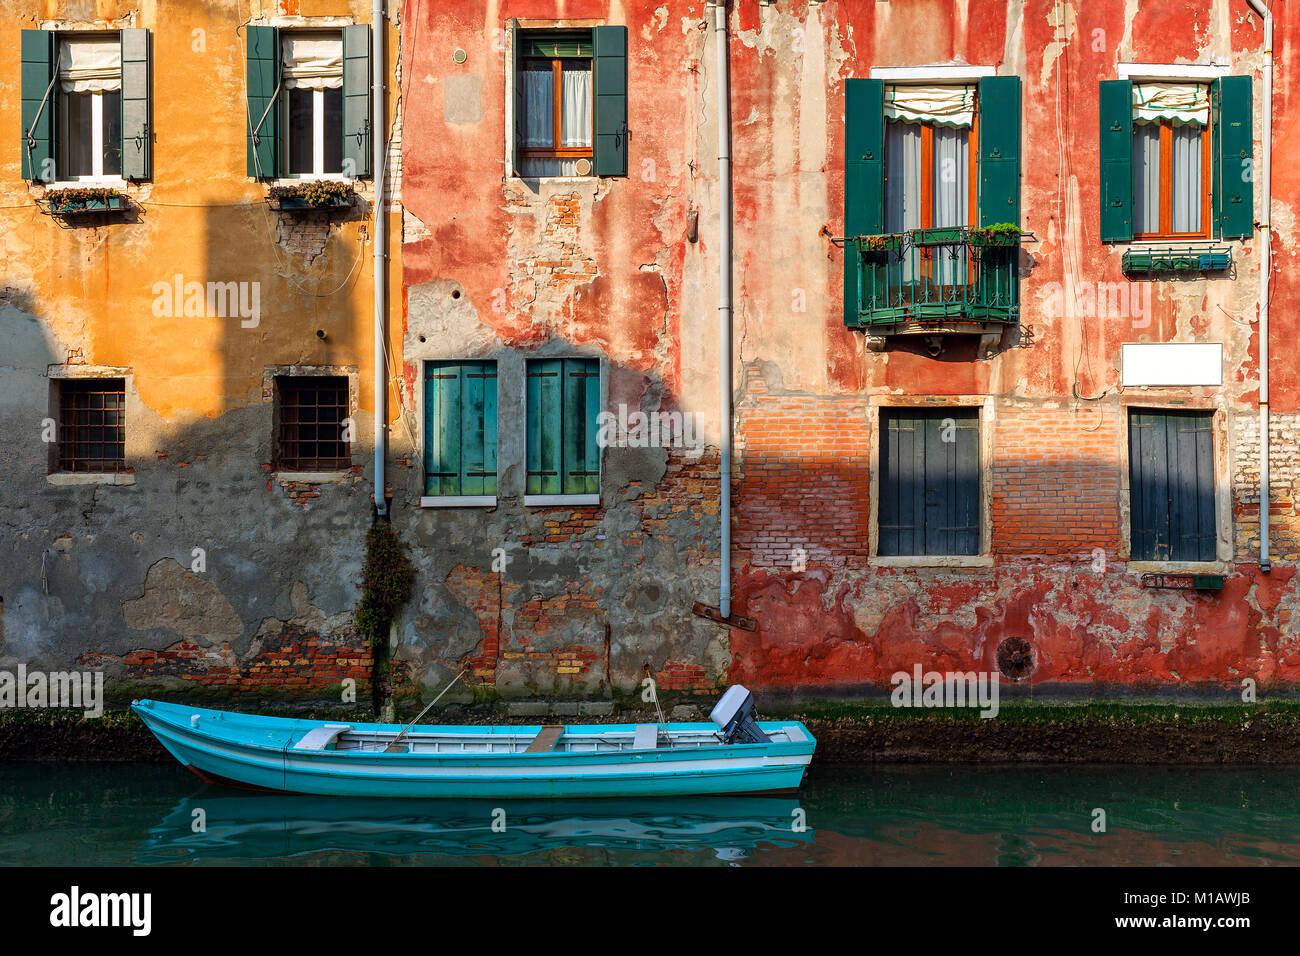 Voile sur petit canal amarré contre l'ancienne maison de briques colorées à Venise, Italie. Photo Stock